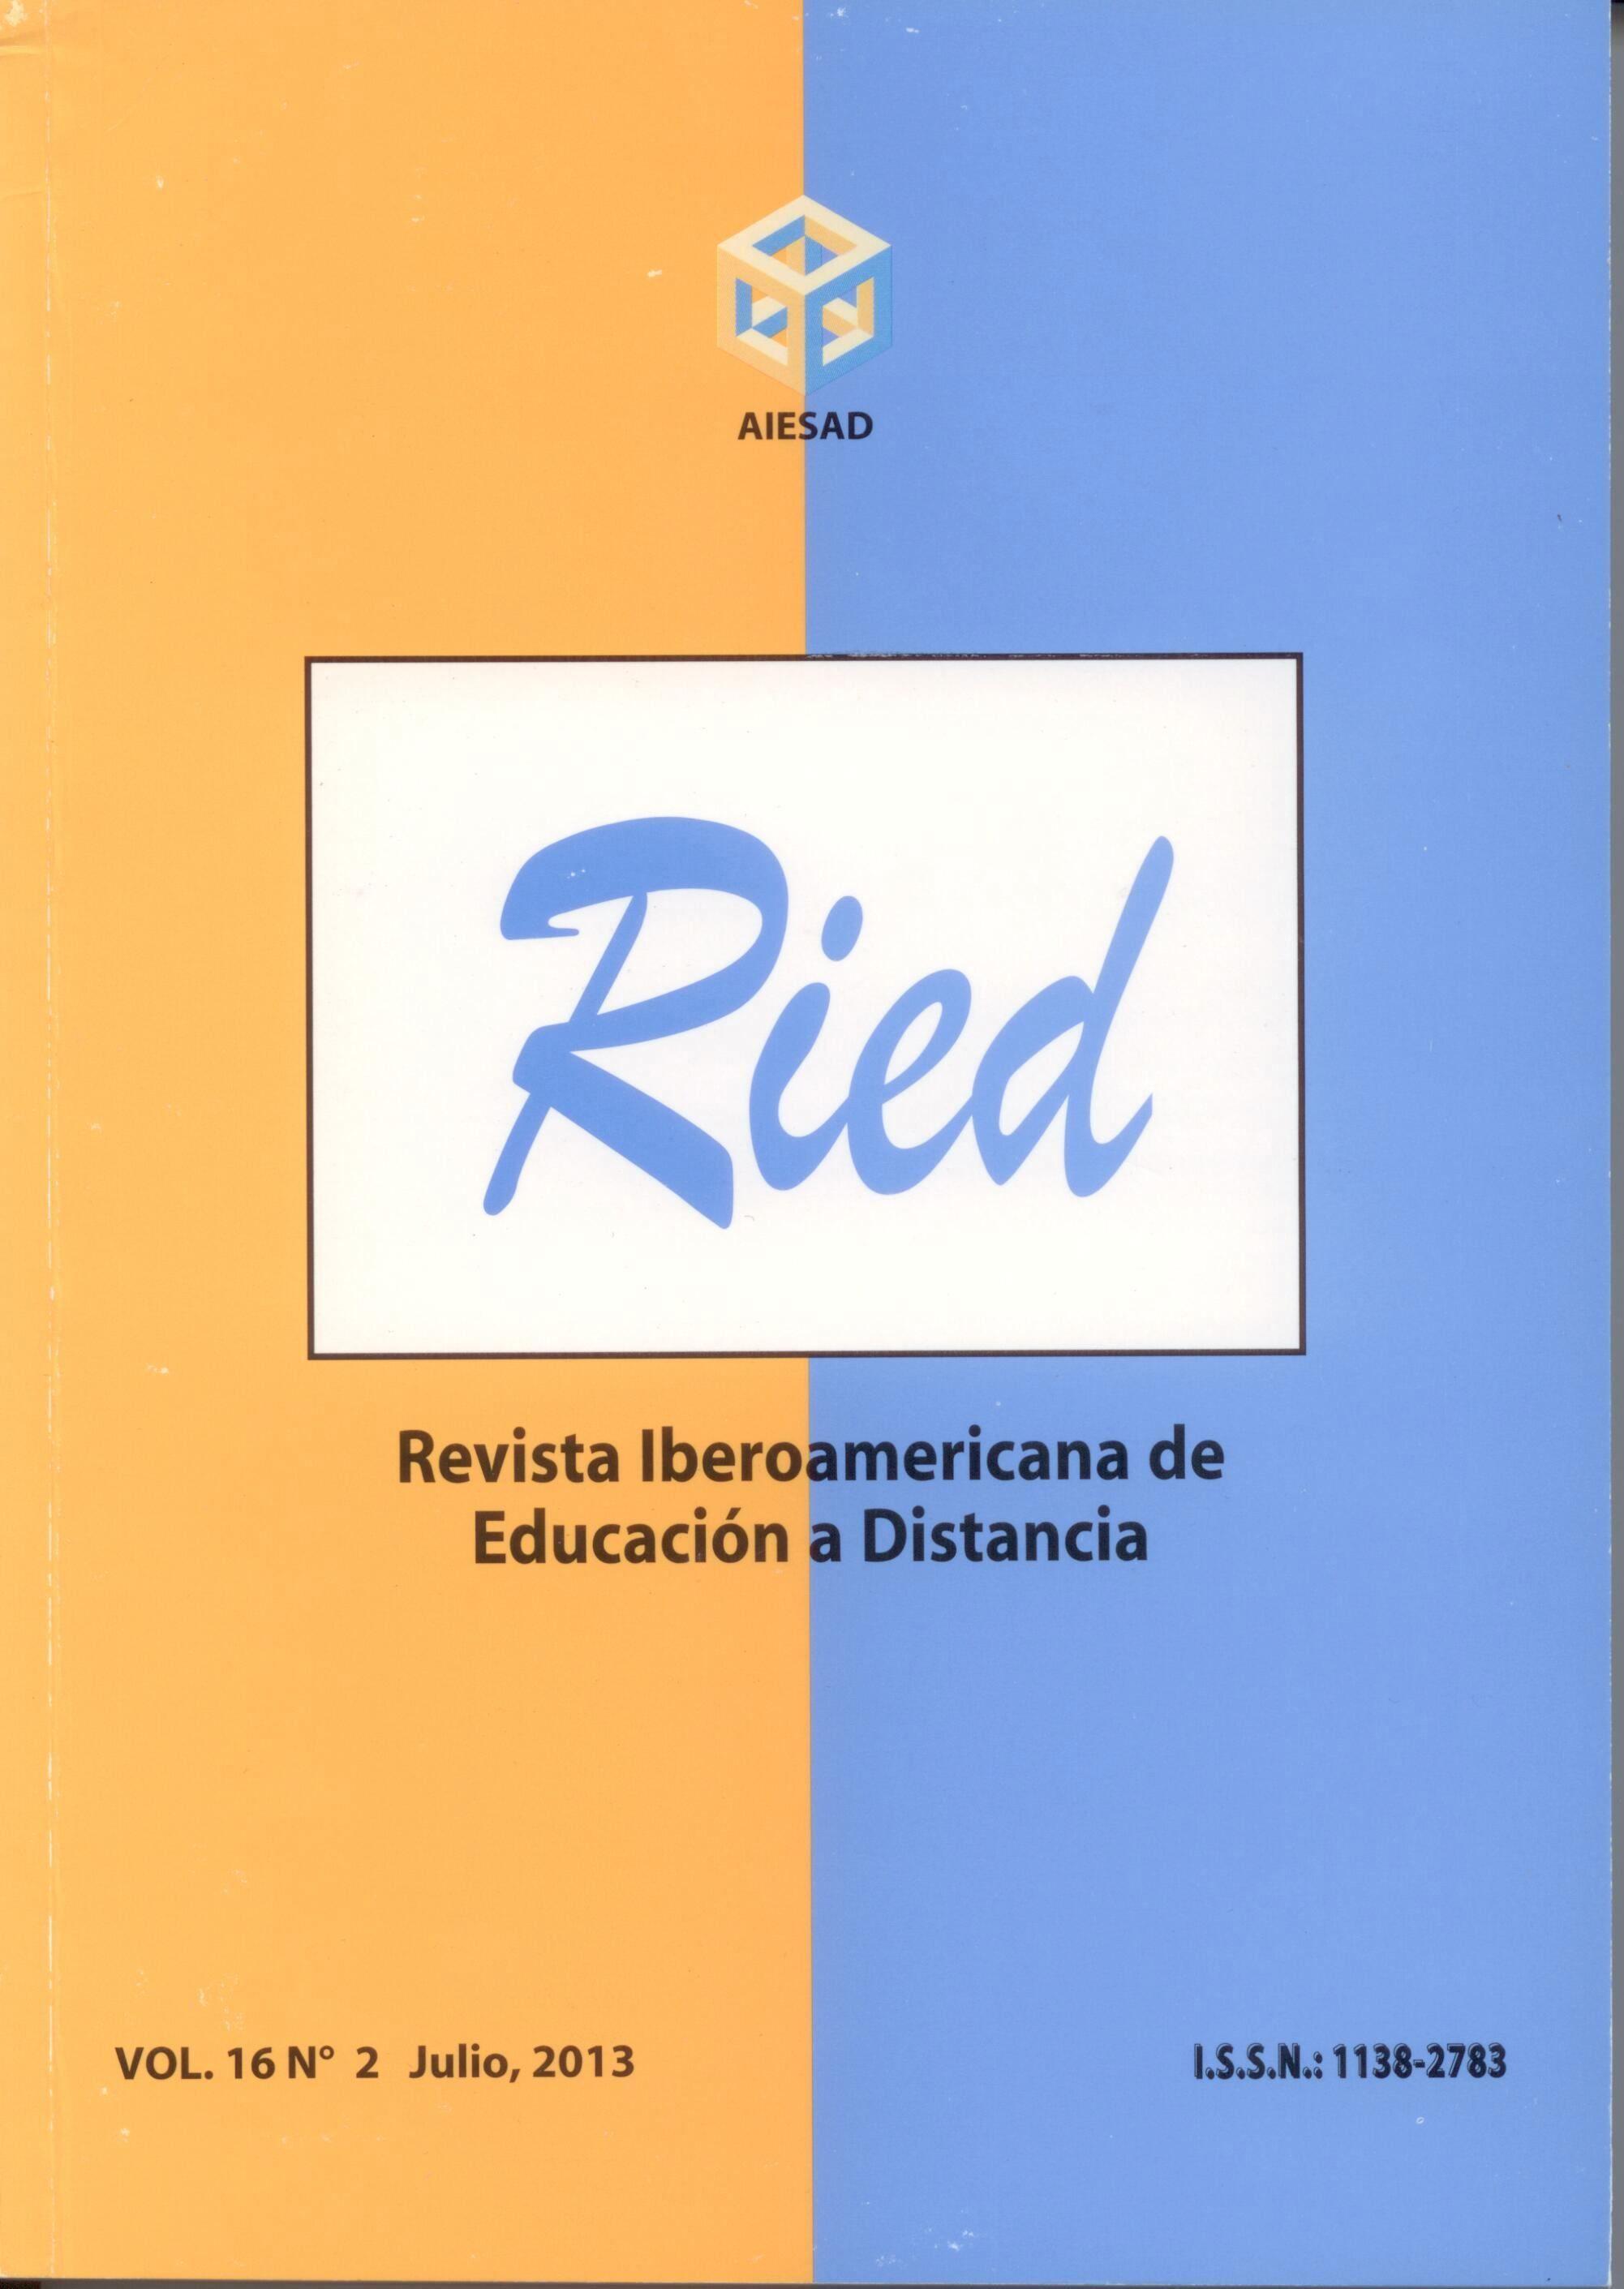 e-learning, conocimiento en red: RIED Sumario volumen 16 nº 2 2013. Revista Iberoamericana de Educación a Distancia